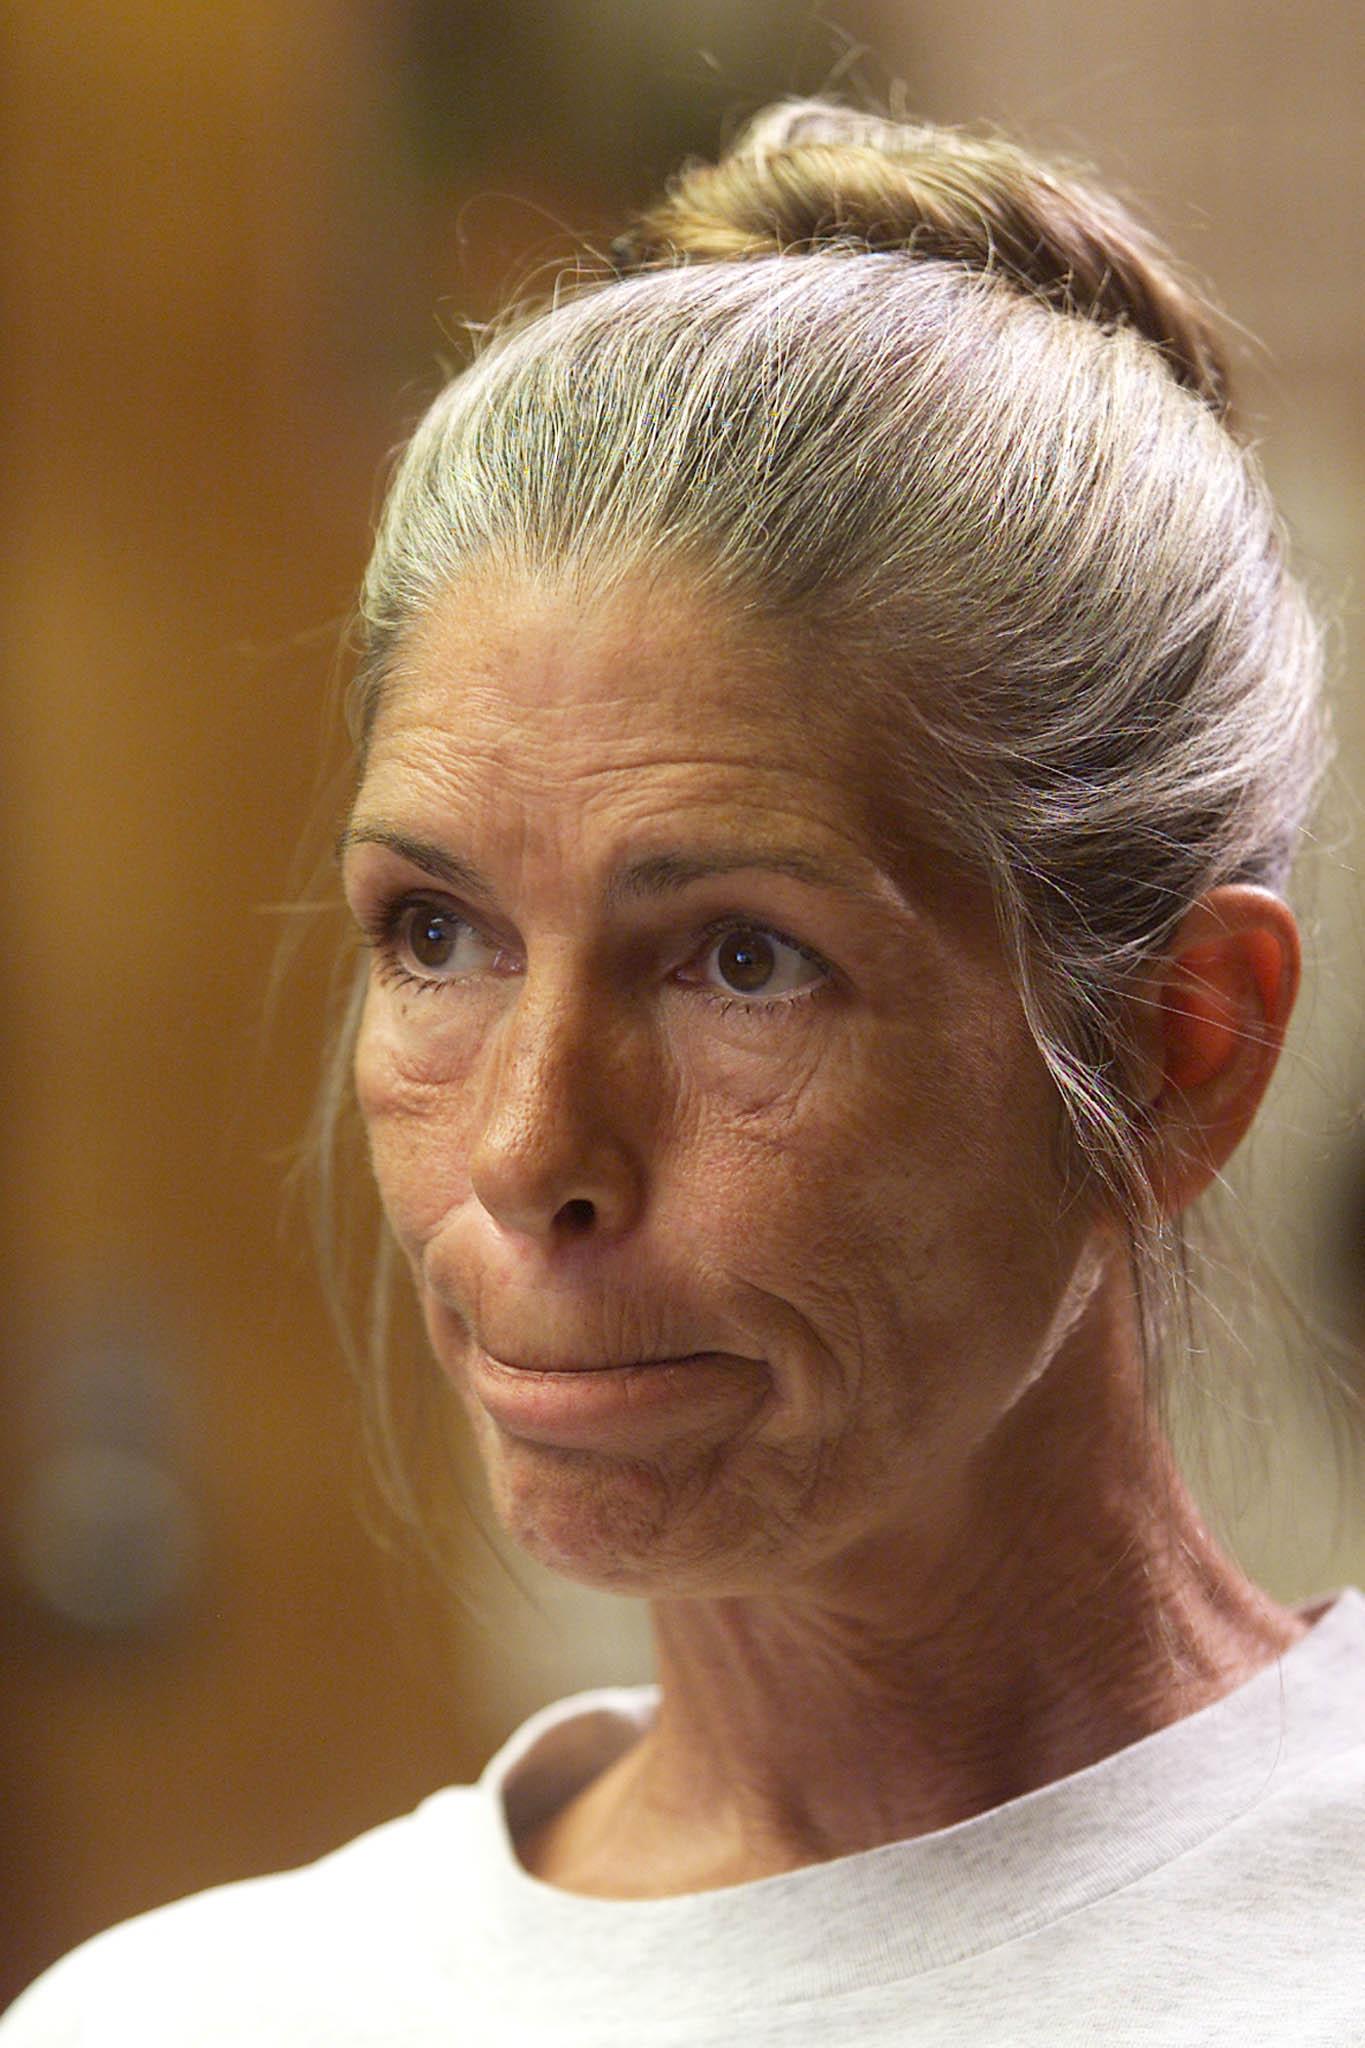 Leslie Van Houten Parole Denied For Mass Murderer Charles Manson Follower